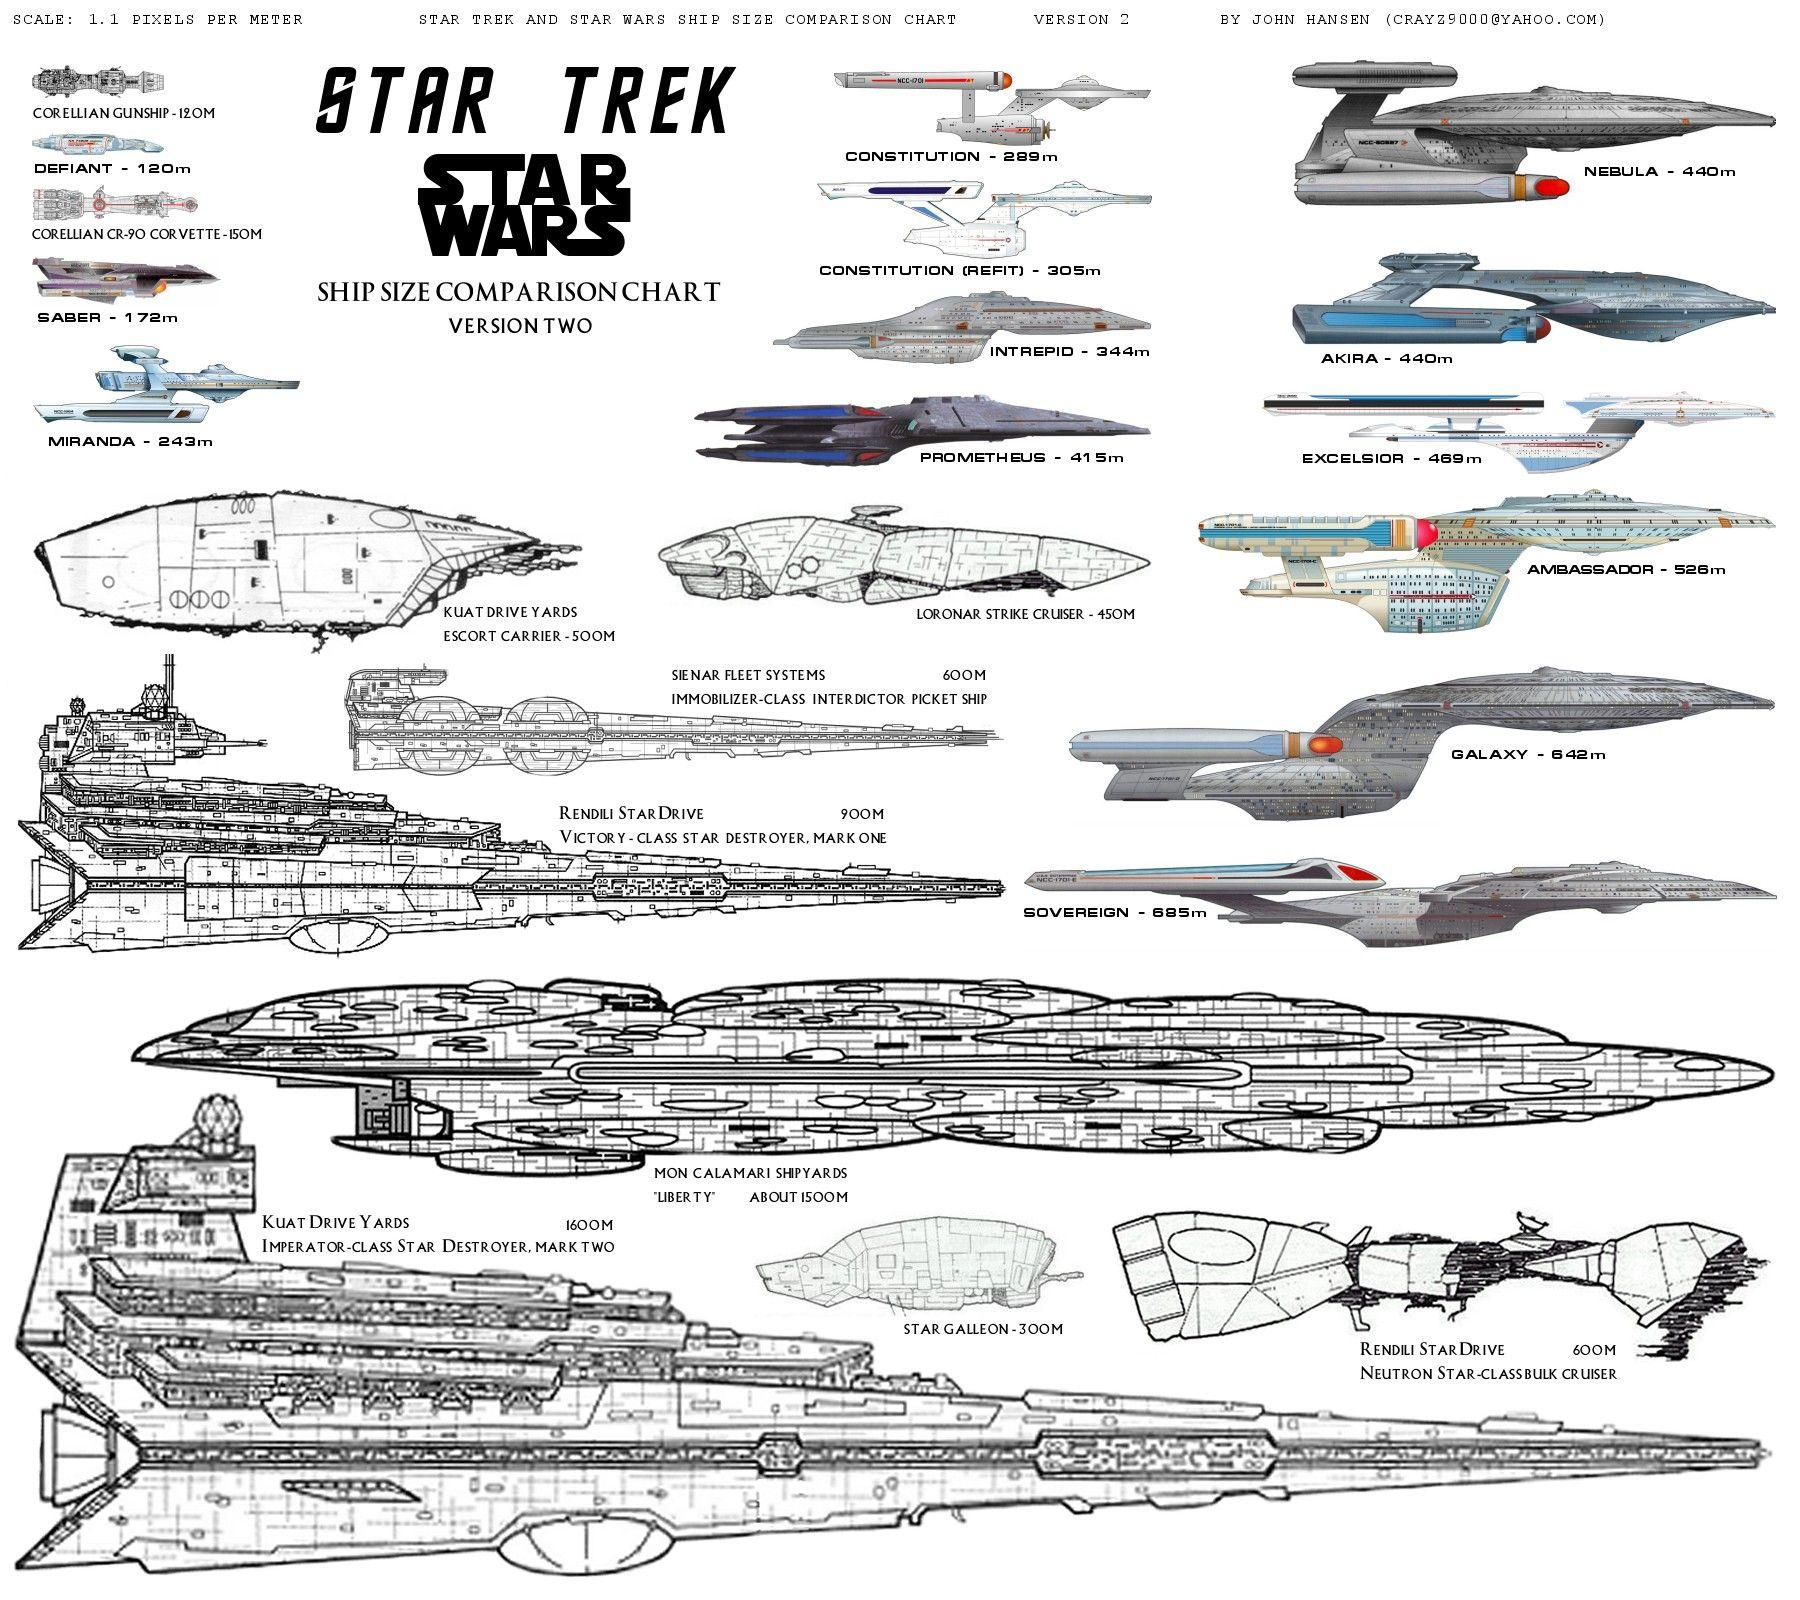 Star Wars The Force Awakens Script at IMSDb